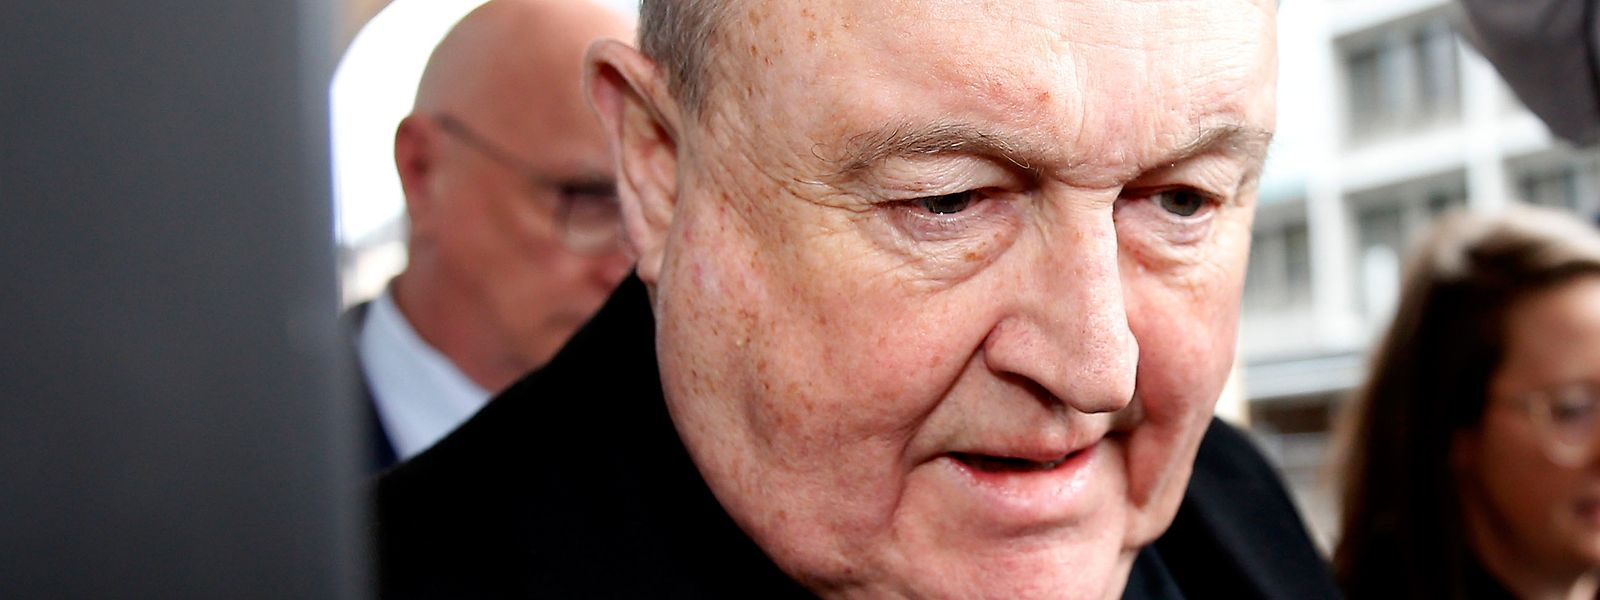 Philip Wilson, australischer Erzbischof, kommt nach der Urteilsverkündung aus dem Amtsgericht.